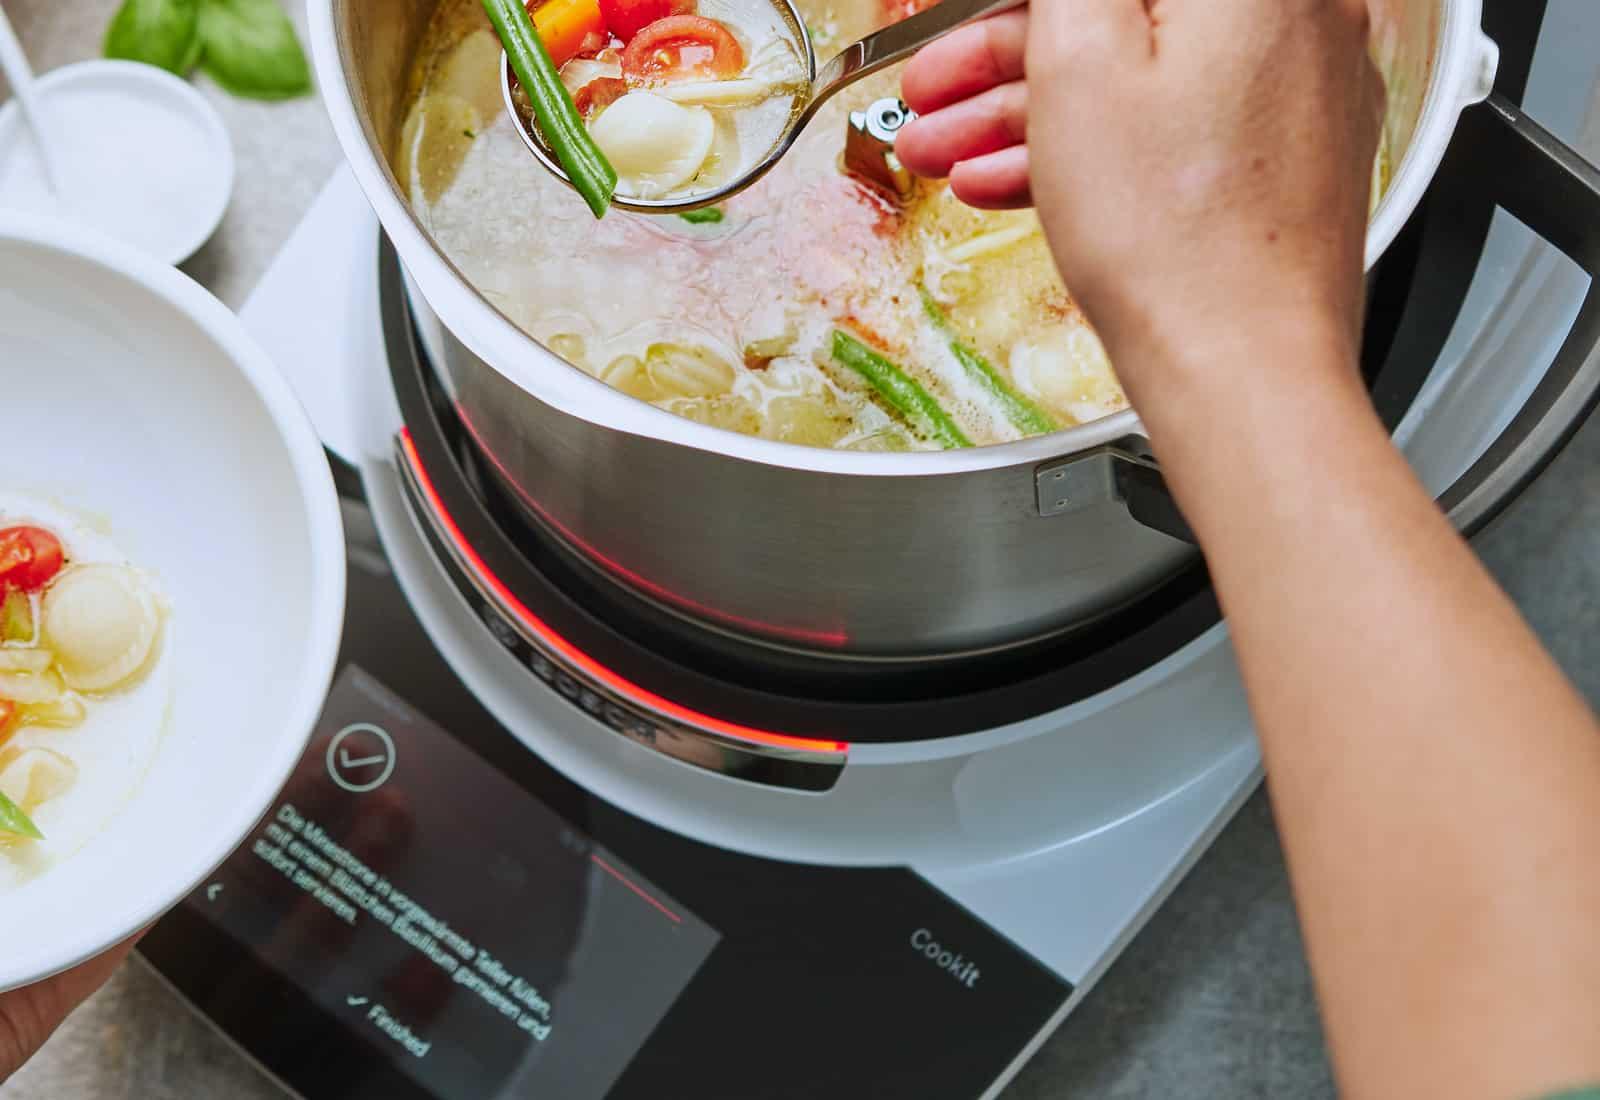 Hand serviert Suppe mit aus Cookit Topf. – Foto: PR